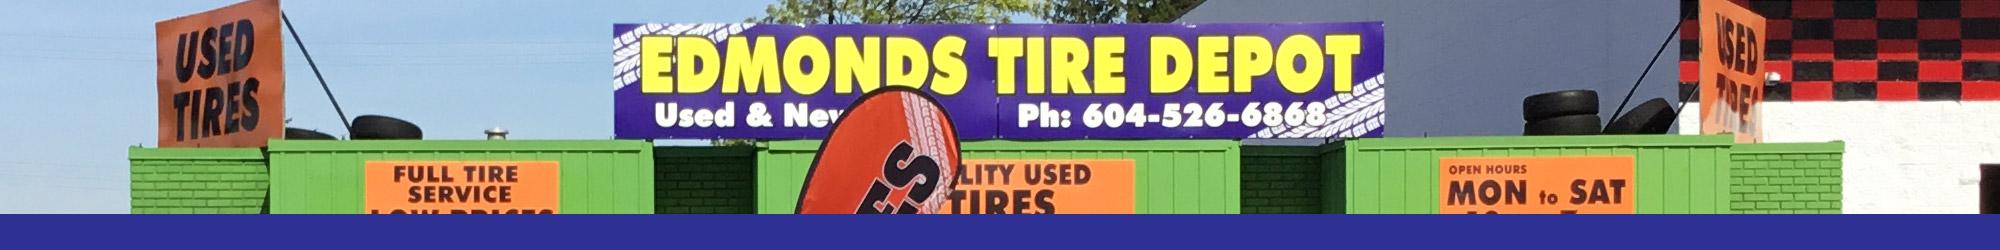 About Edmonds Tire Depot